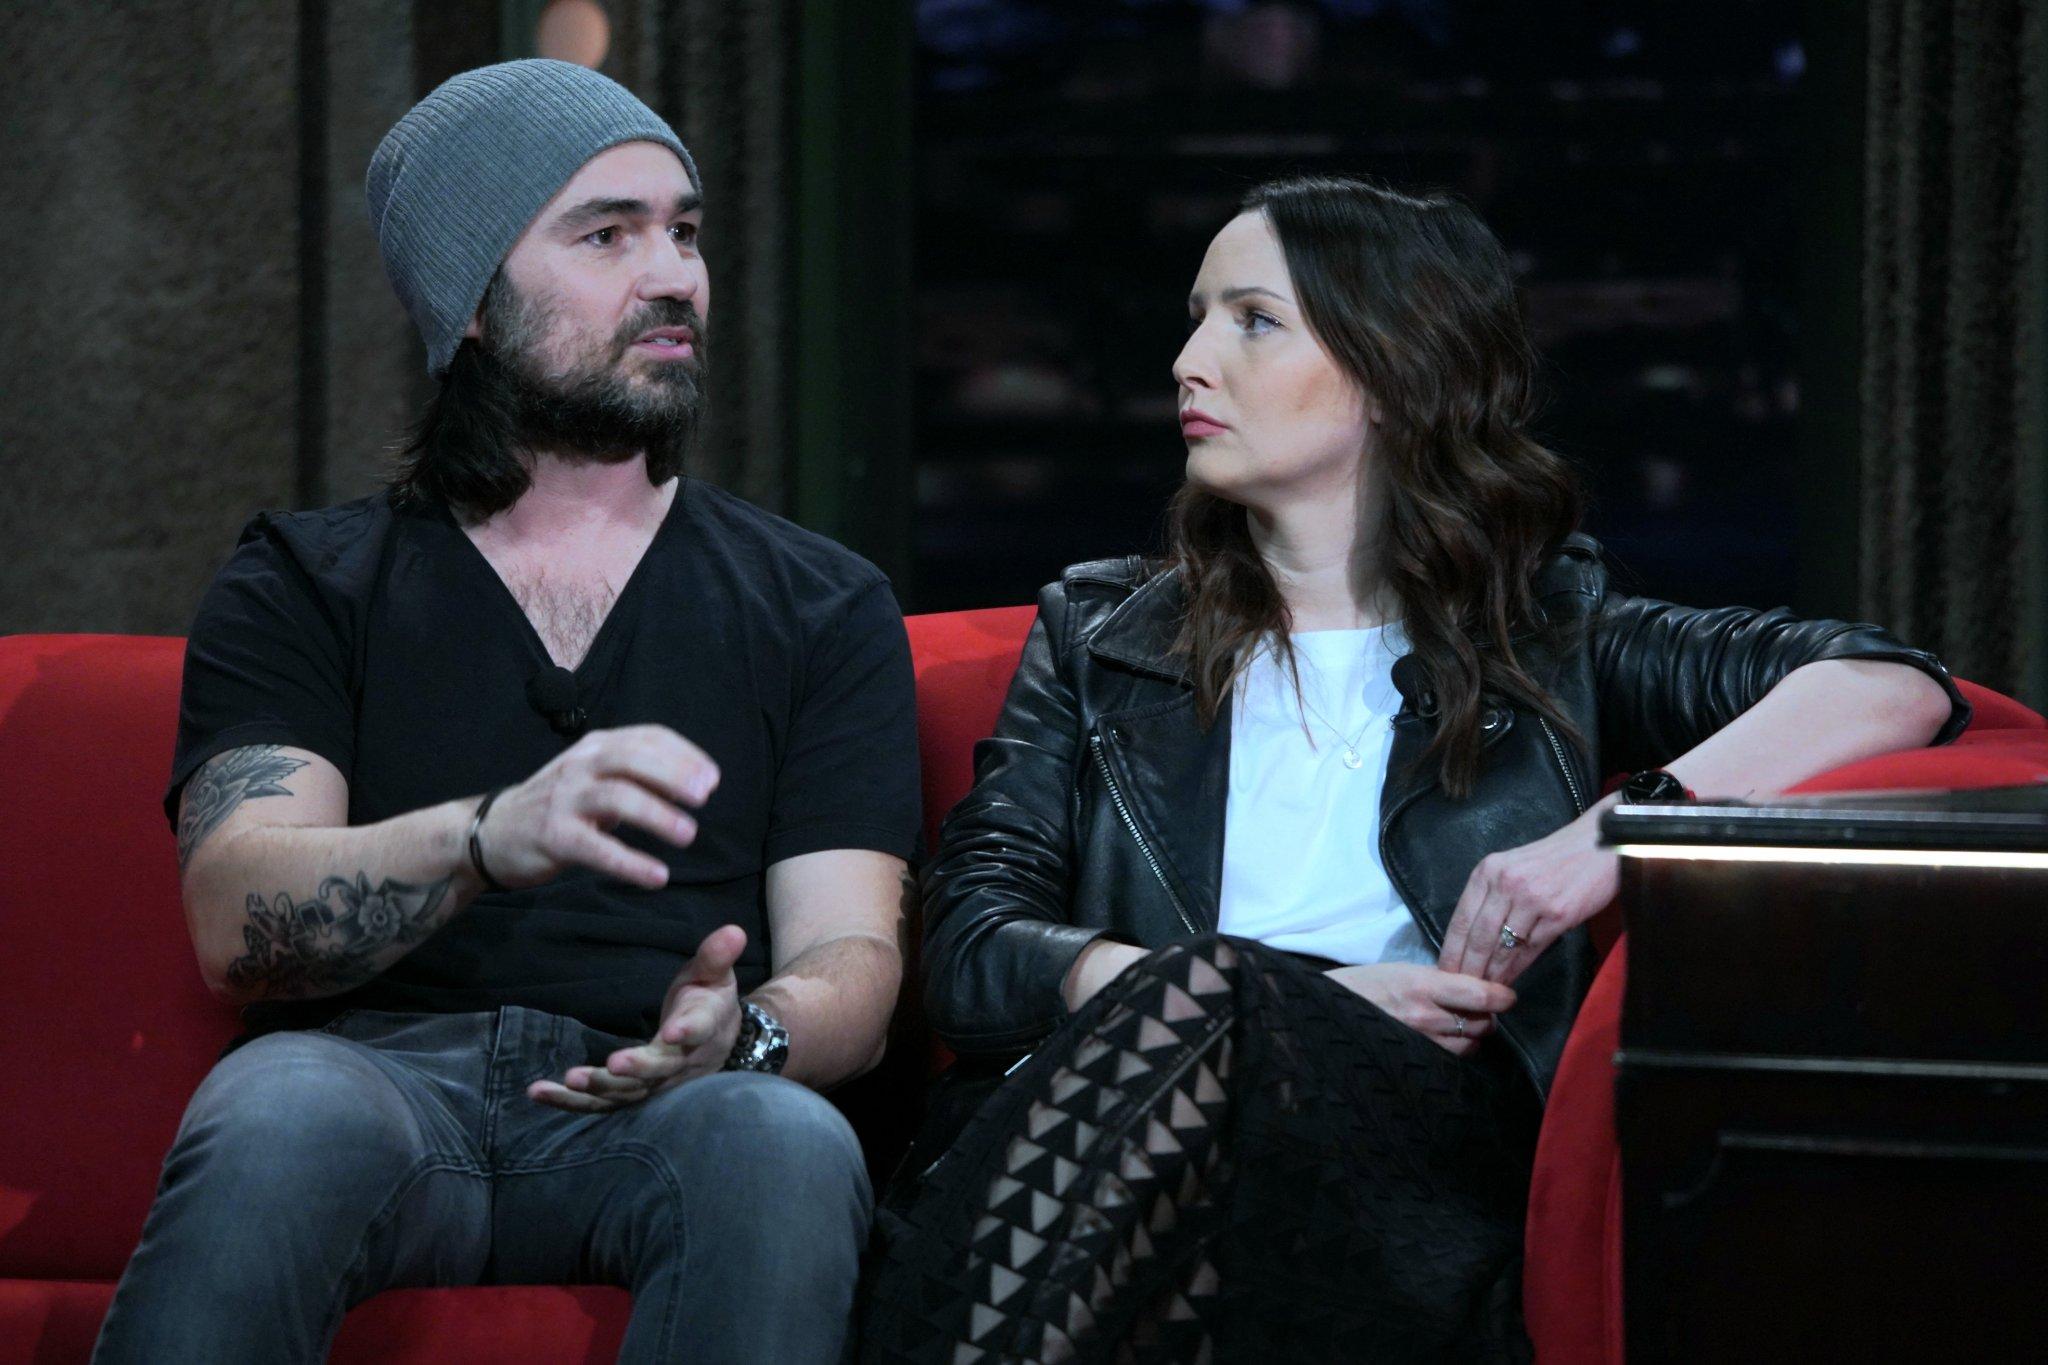 Manželé Veronika a Biser Arichtevovi, ona oblíbená herečka, on úspěšný režisér, v SJK 3. 3. 2021